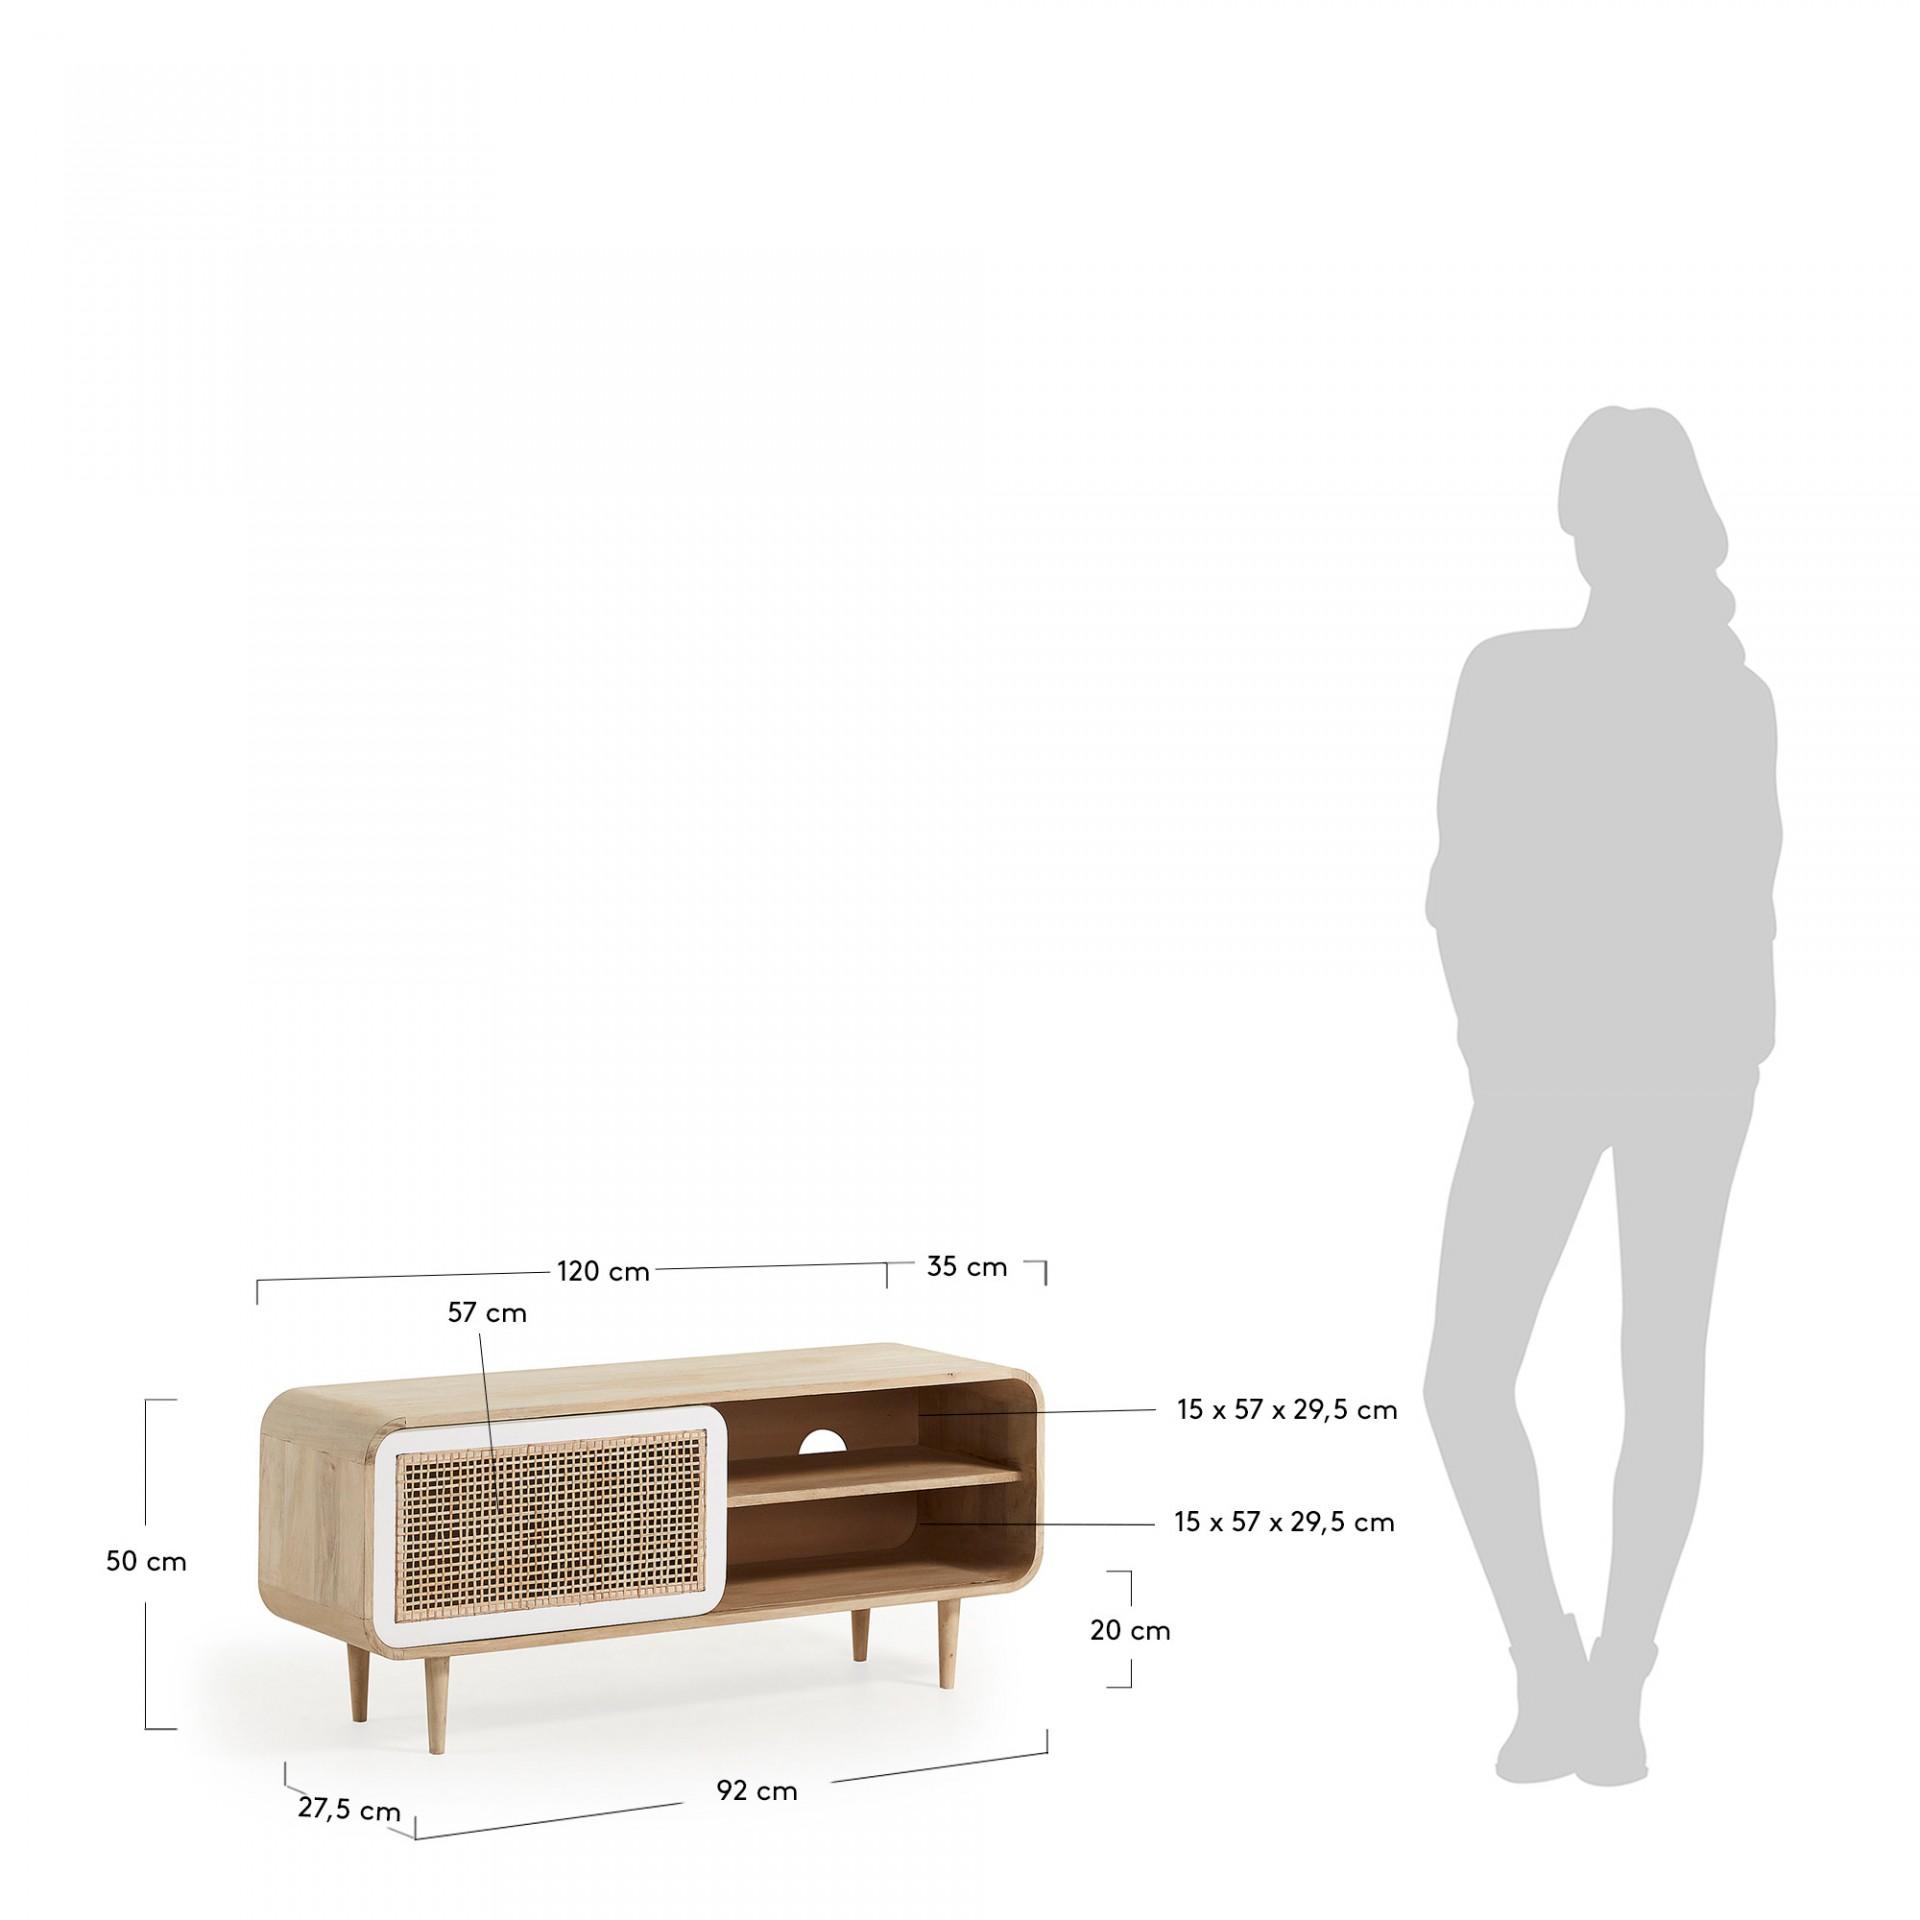 Móvel de TV Geo, madeira de manga natural/cana bambú, 50x120 cm